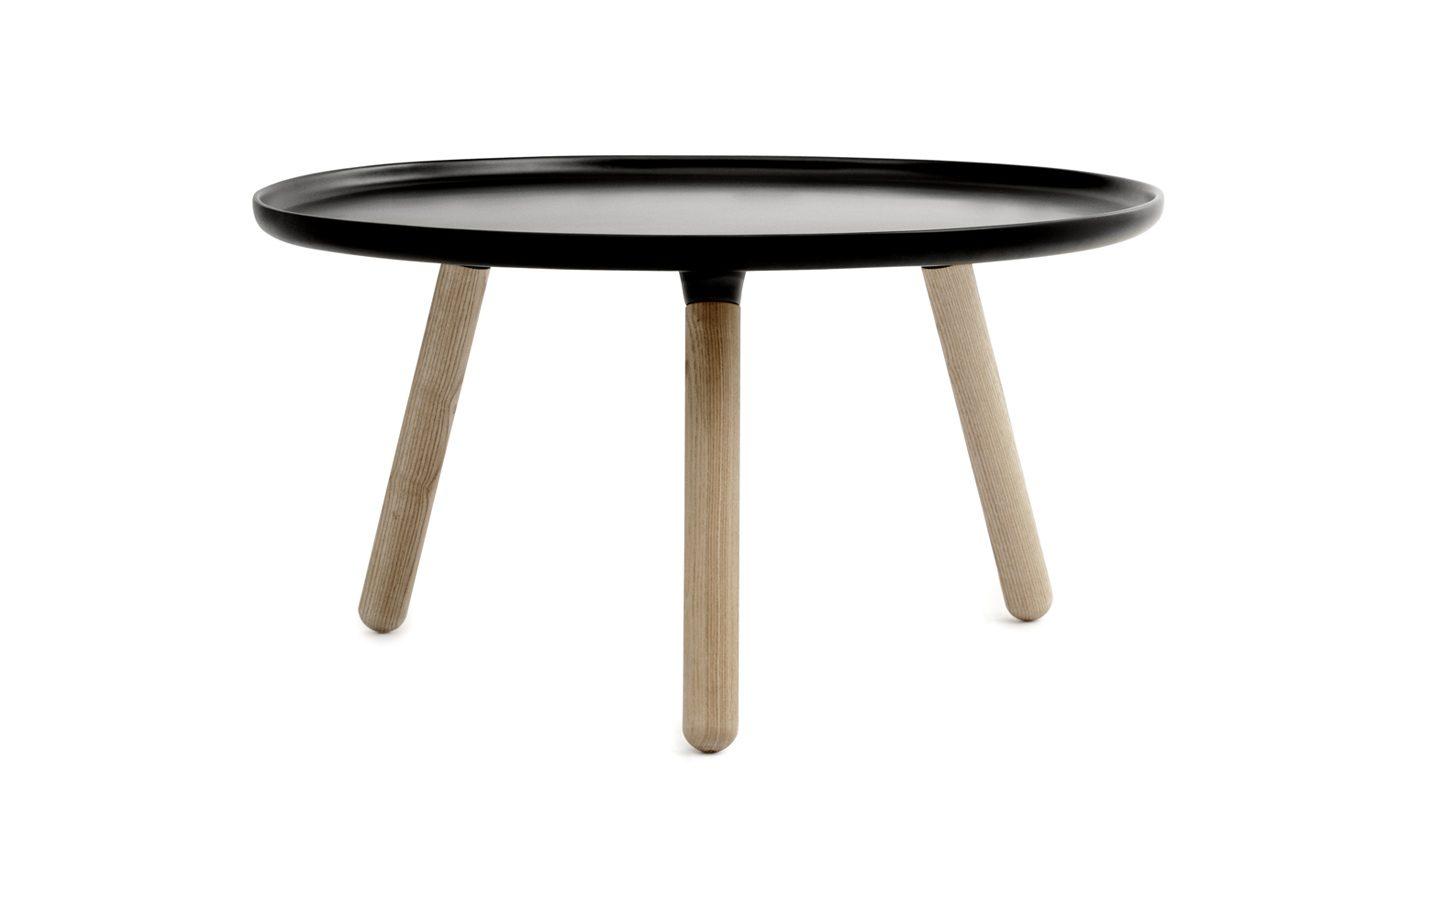 Tablo table - large - Black